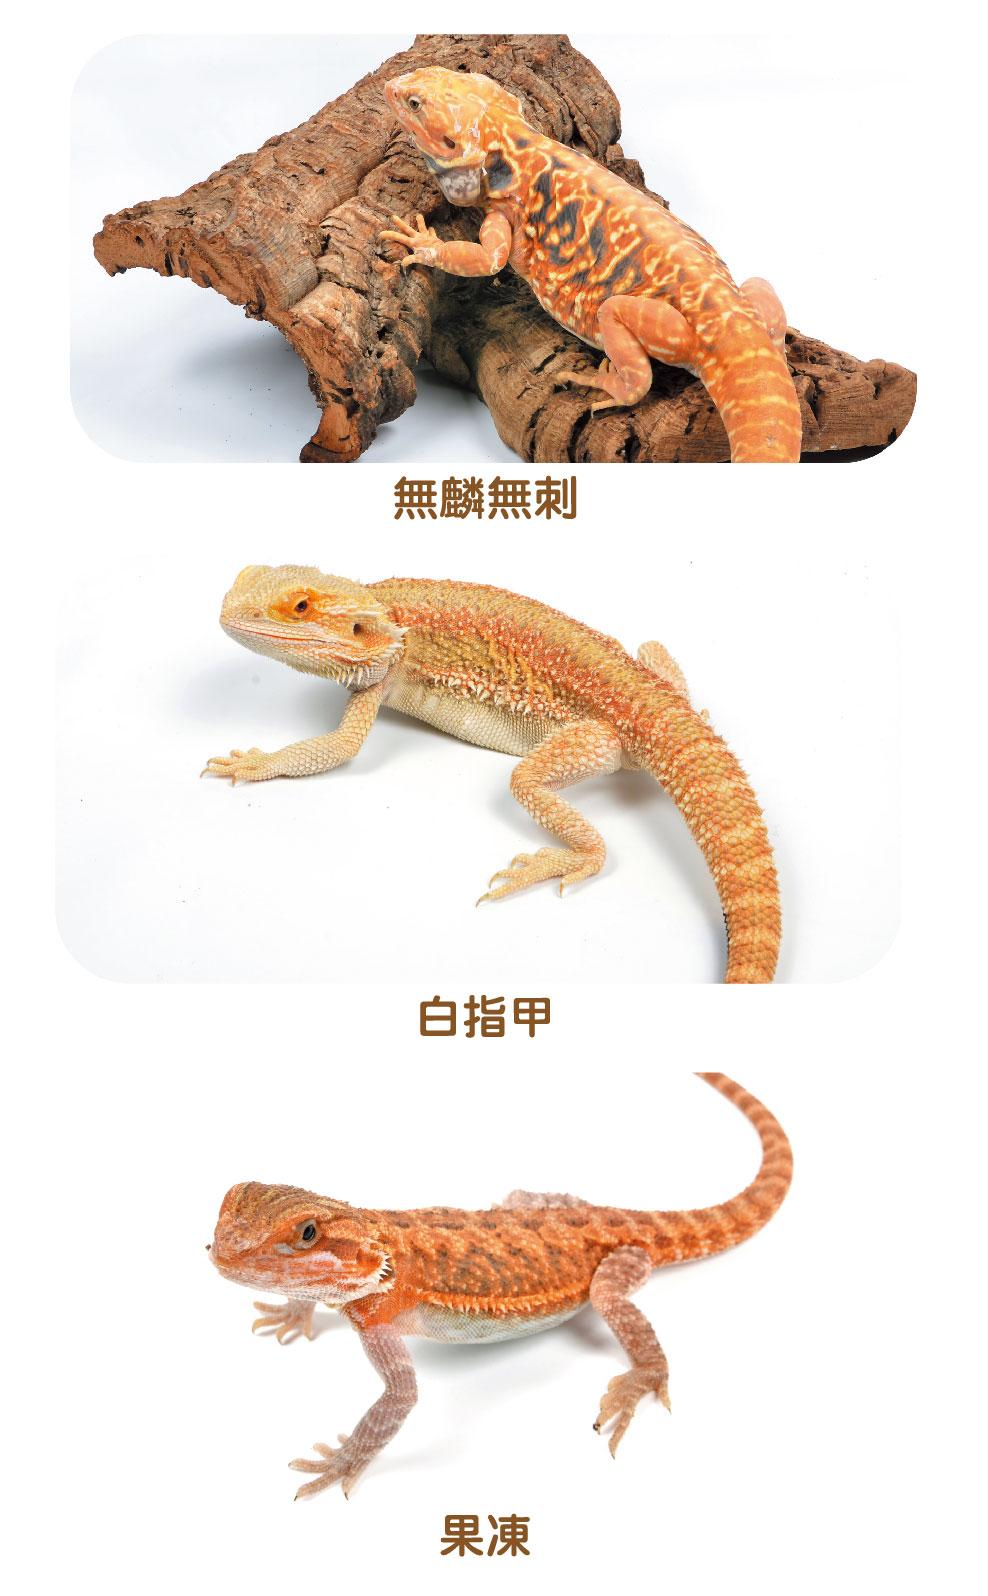 鬆獅蜥的種類介紹